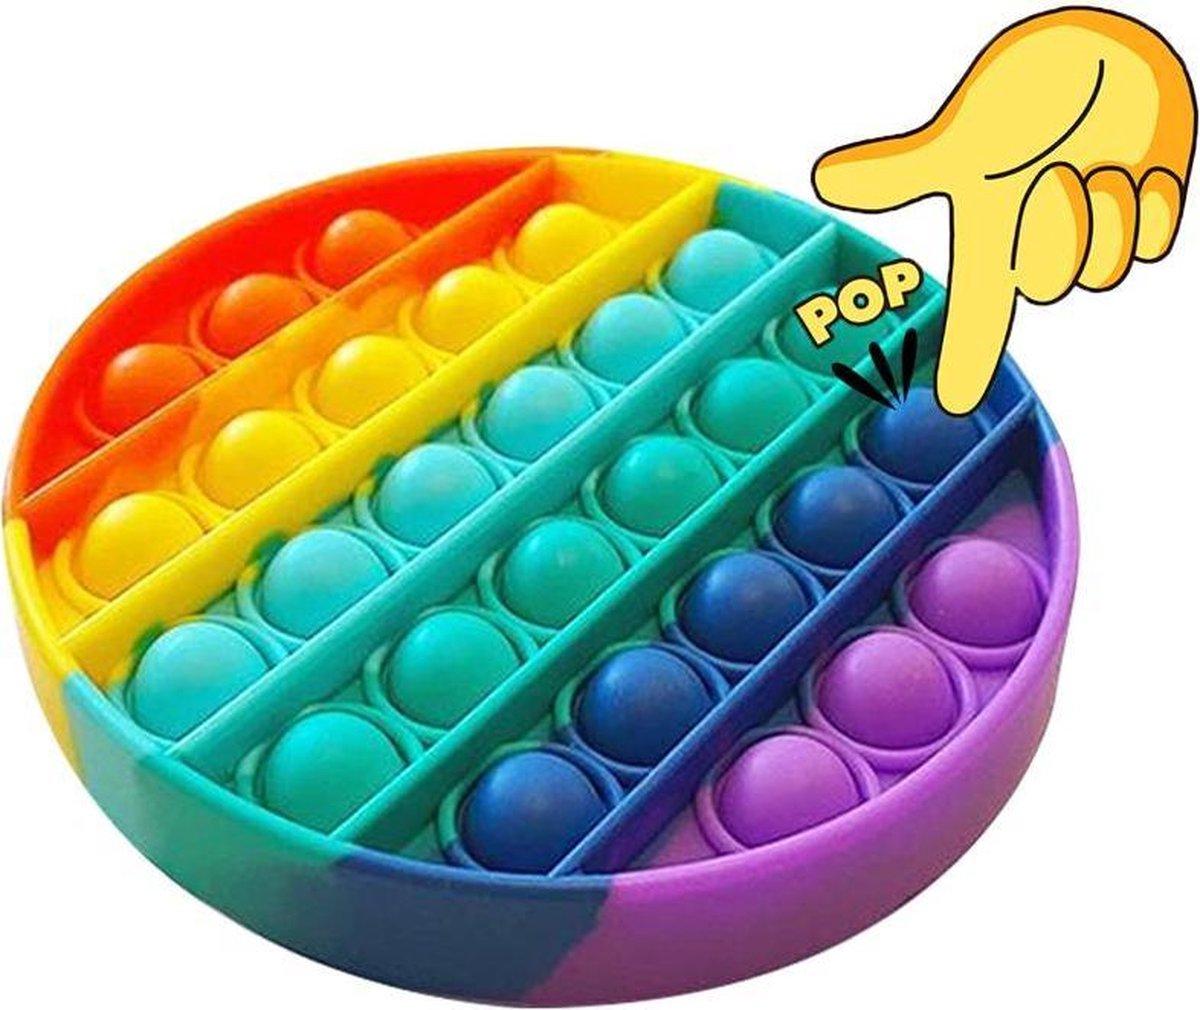 LUVIQ Pop It Fidget toy - Regenboog - Ronde vorm - Multi colour - LUVIQ